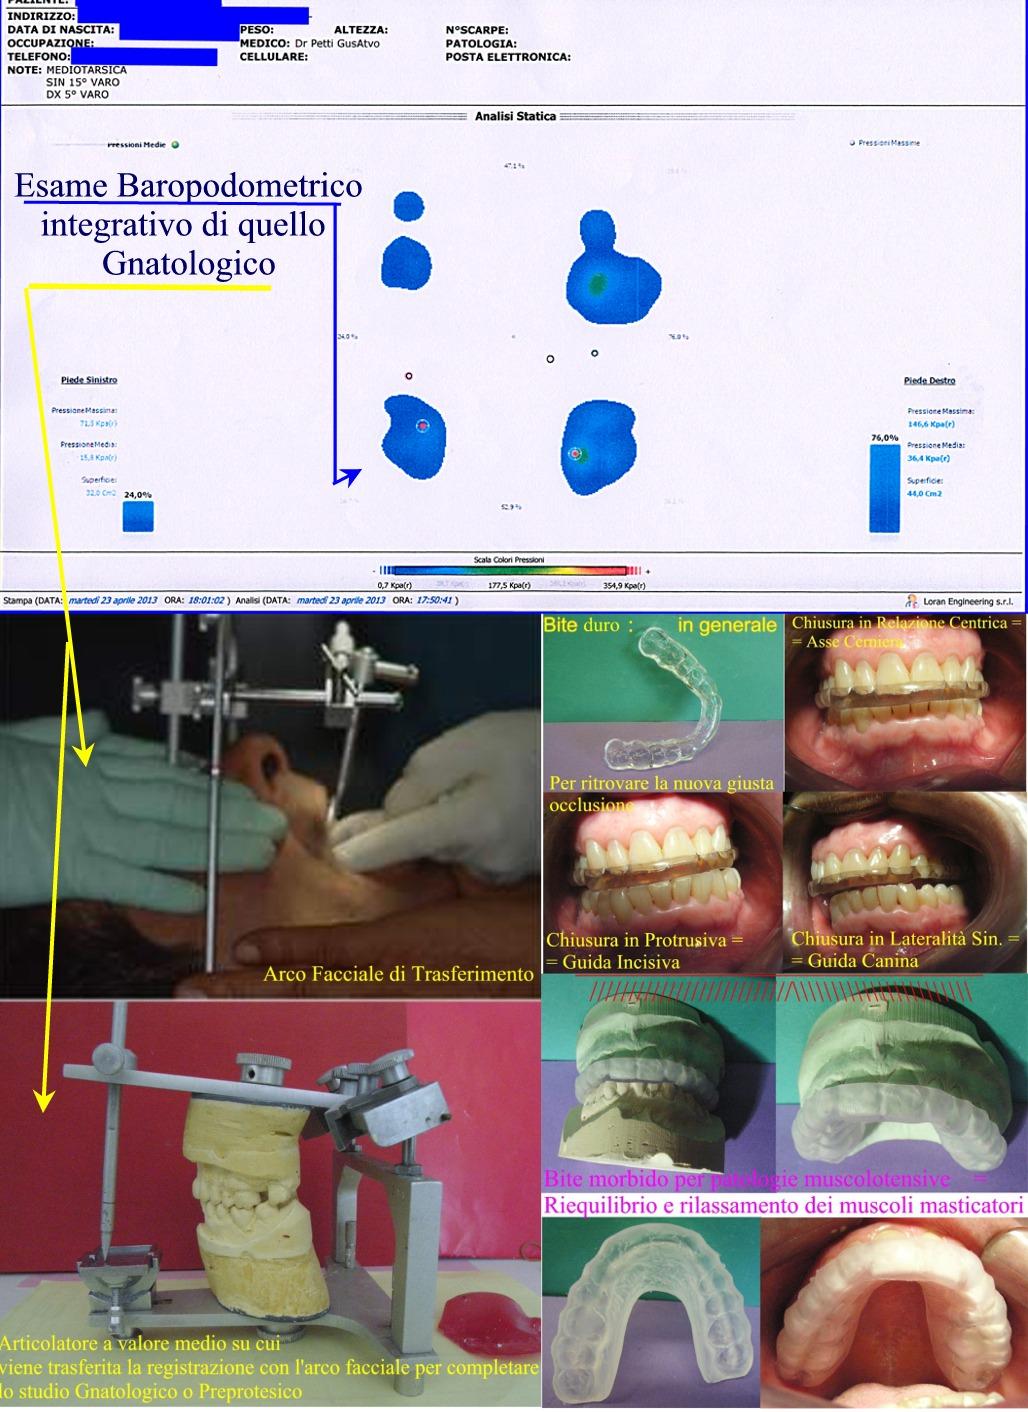 Arco Facciale di Trasferimento, Vari tipi di Bite, Stabilometria computerizzata come esempio di parte di valutazione Gnatologiche. Da Dr. Gustavo Petti Parodontologo Gnatologo Riabilitatore Orale in Casi Clinici Complessi, di Cagliari